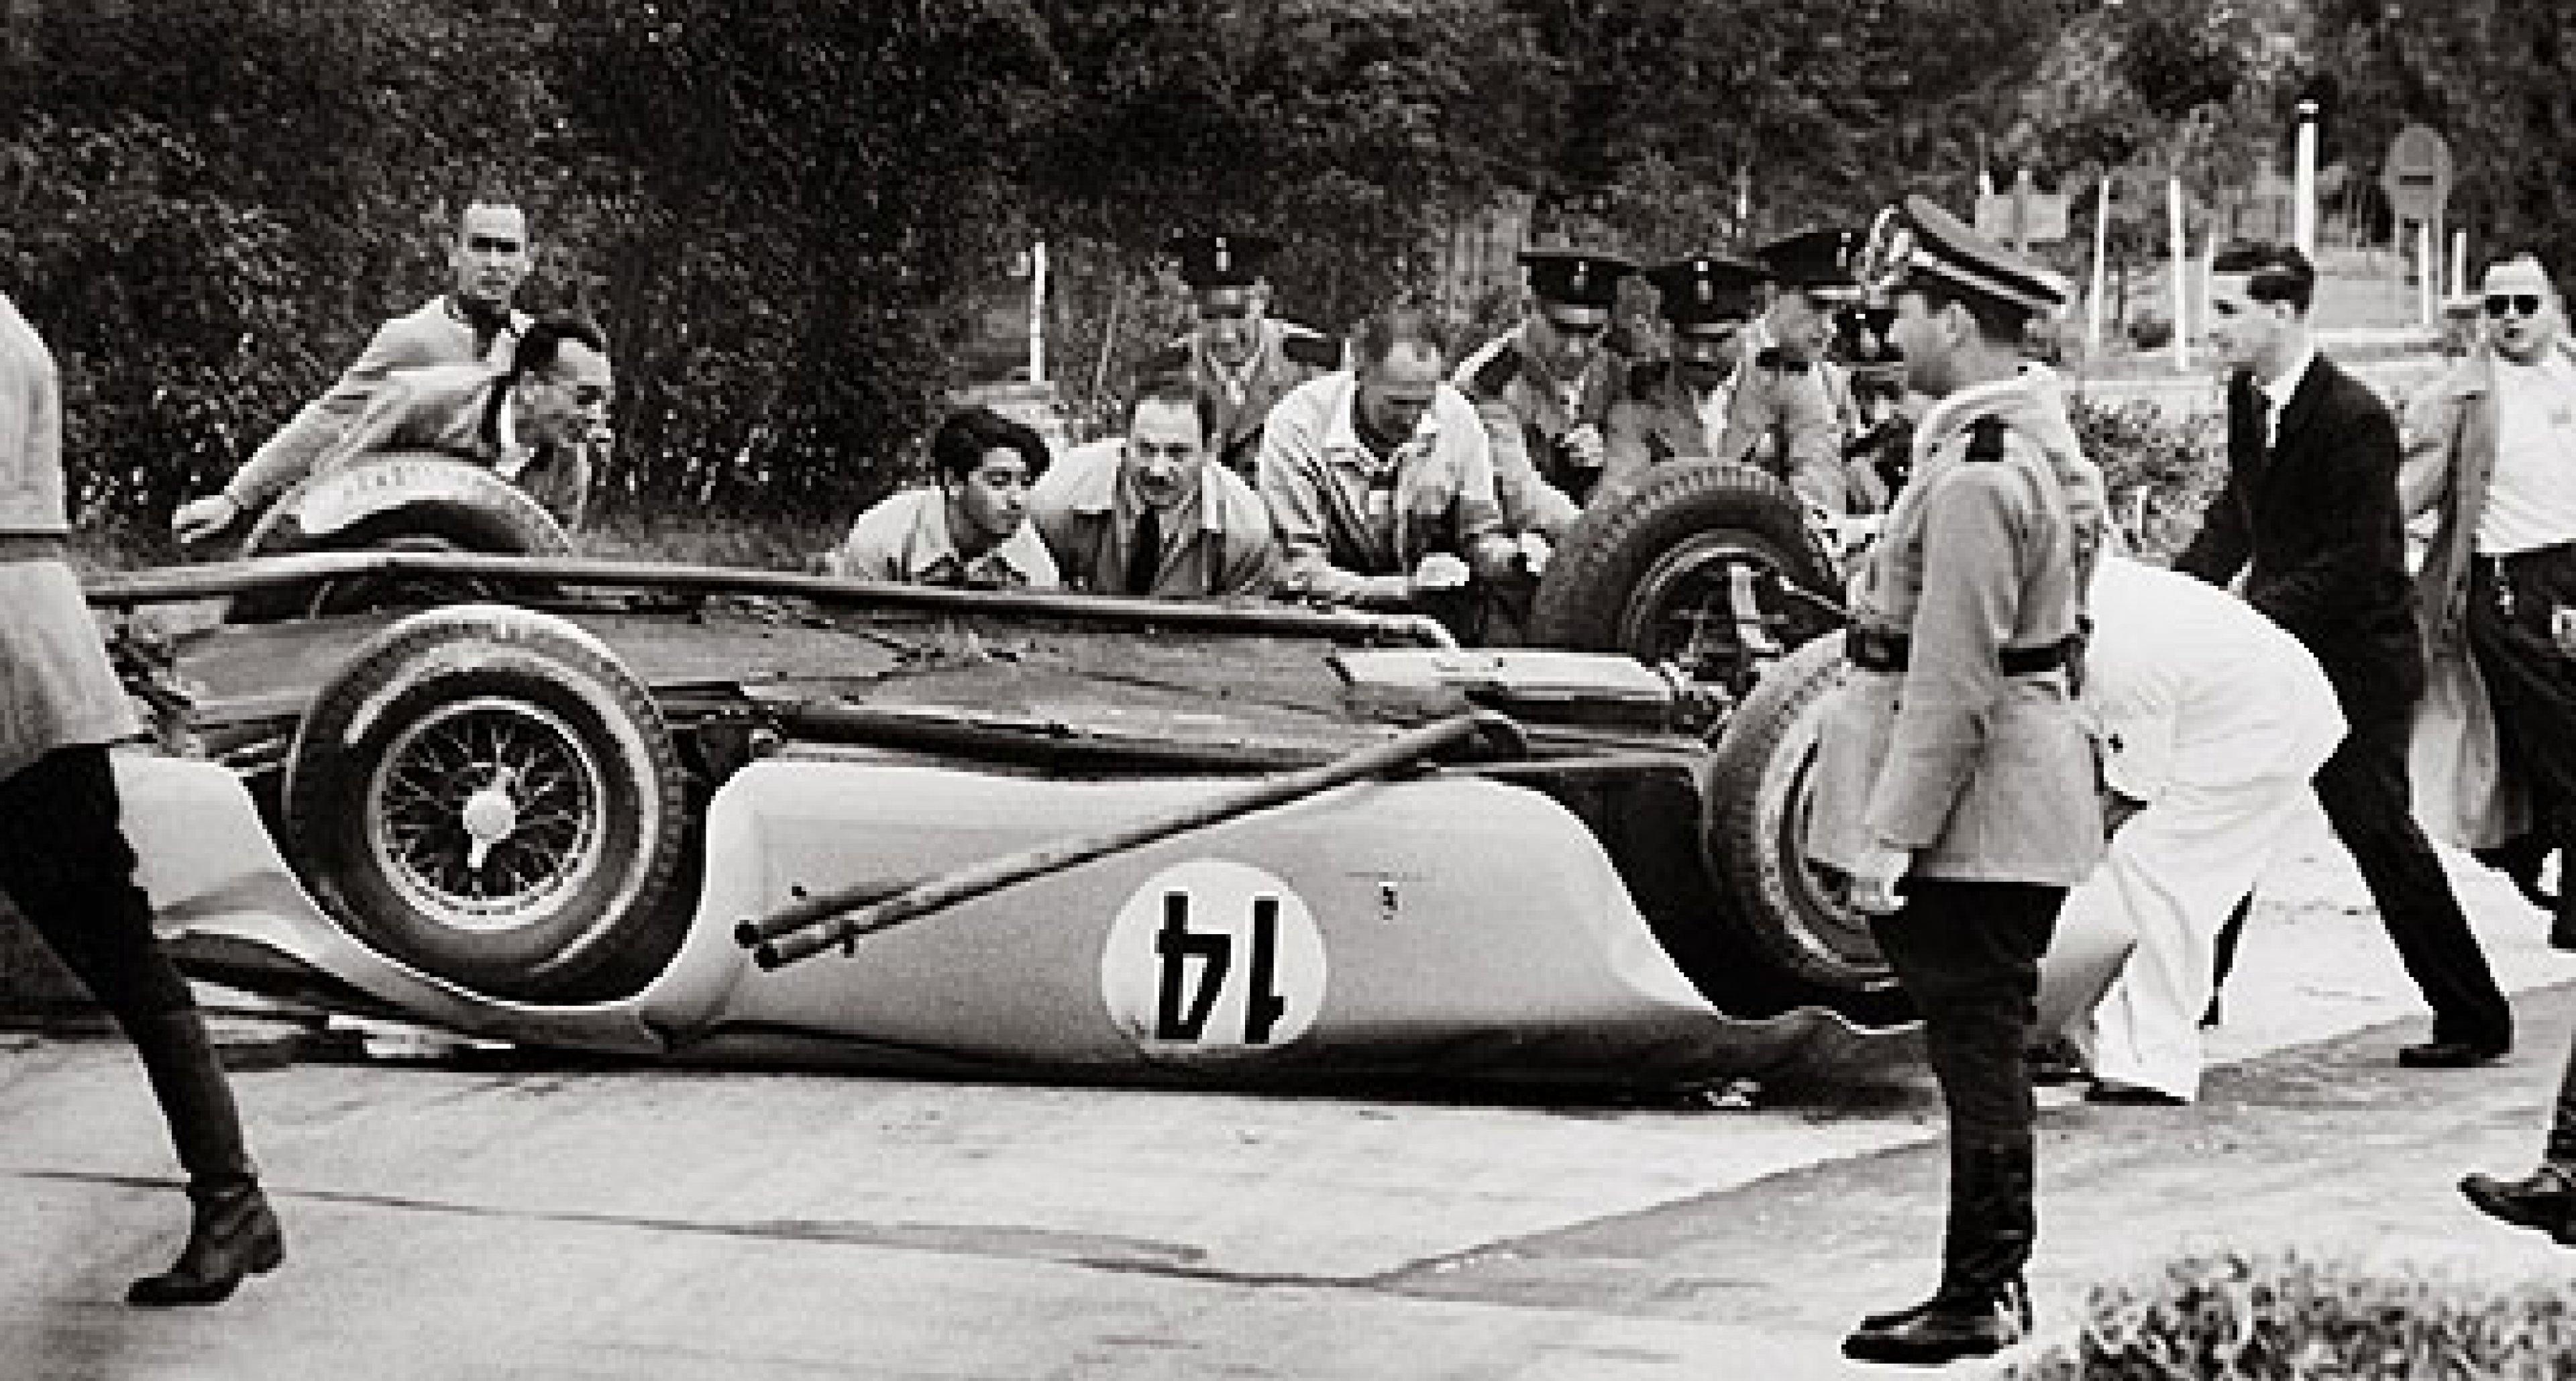 Book Review: 'Ferrari 375 Racing in Argentina'